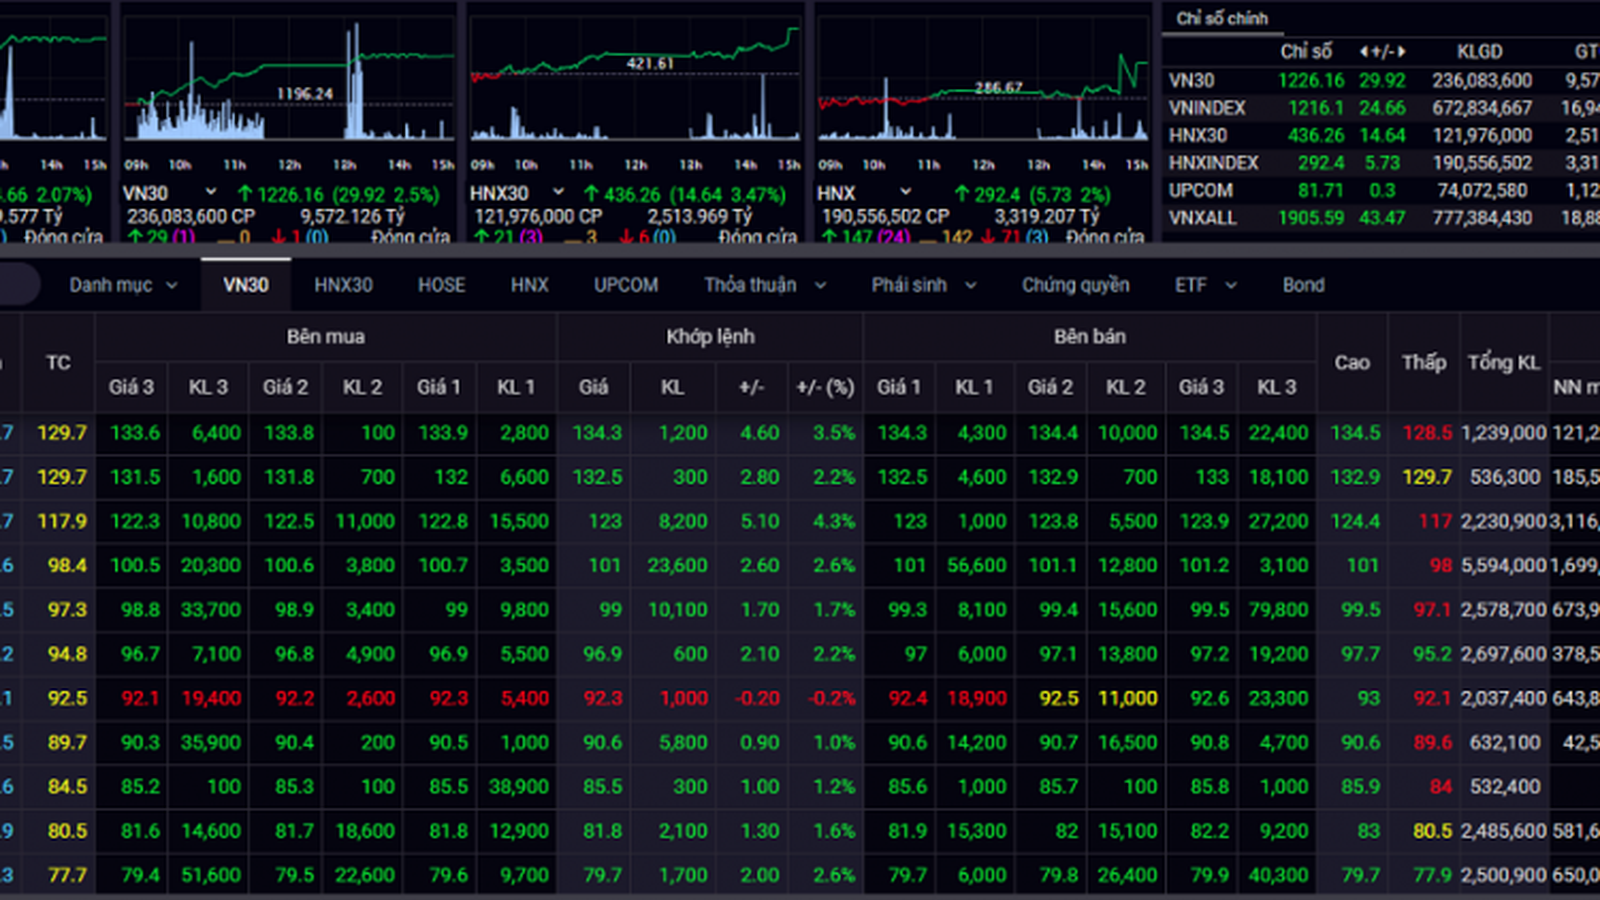 Dòng tiền chảy mạnh vào thị trường chứng khoán, VN-Index vượt đỉnh lịch sử